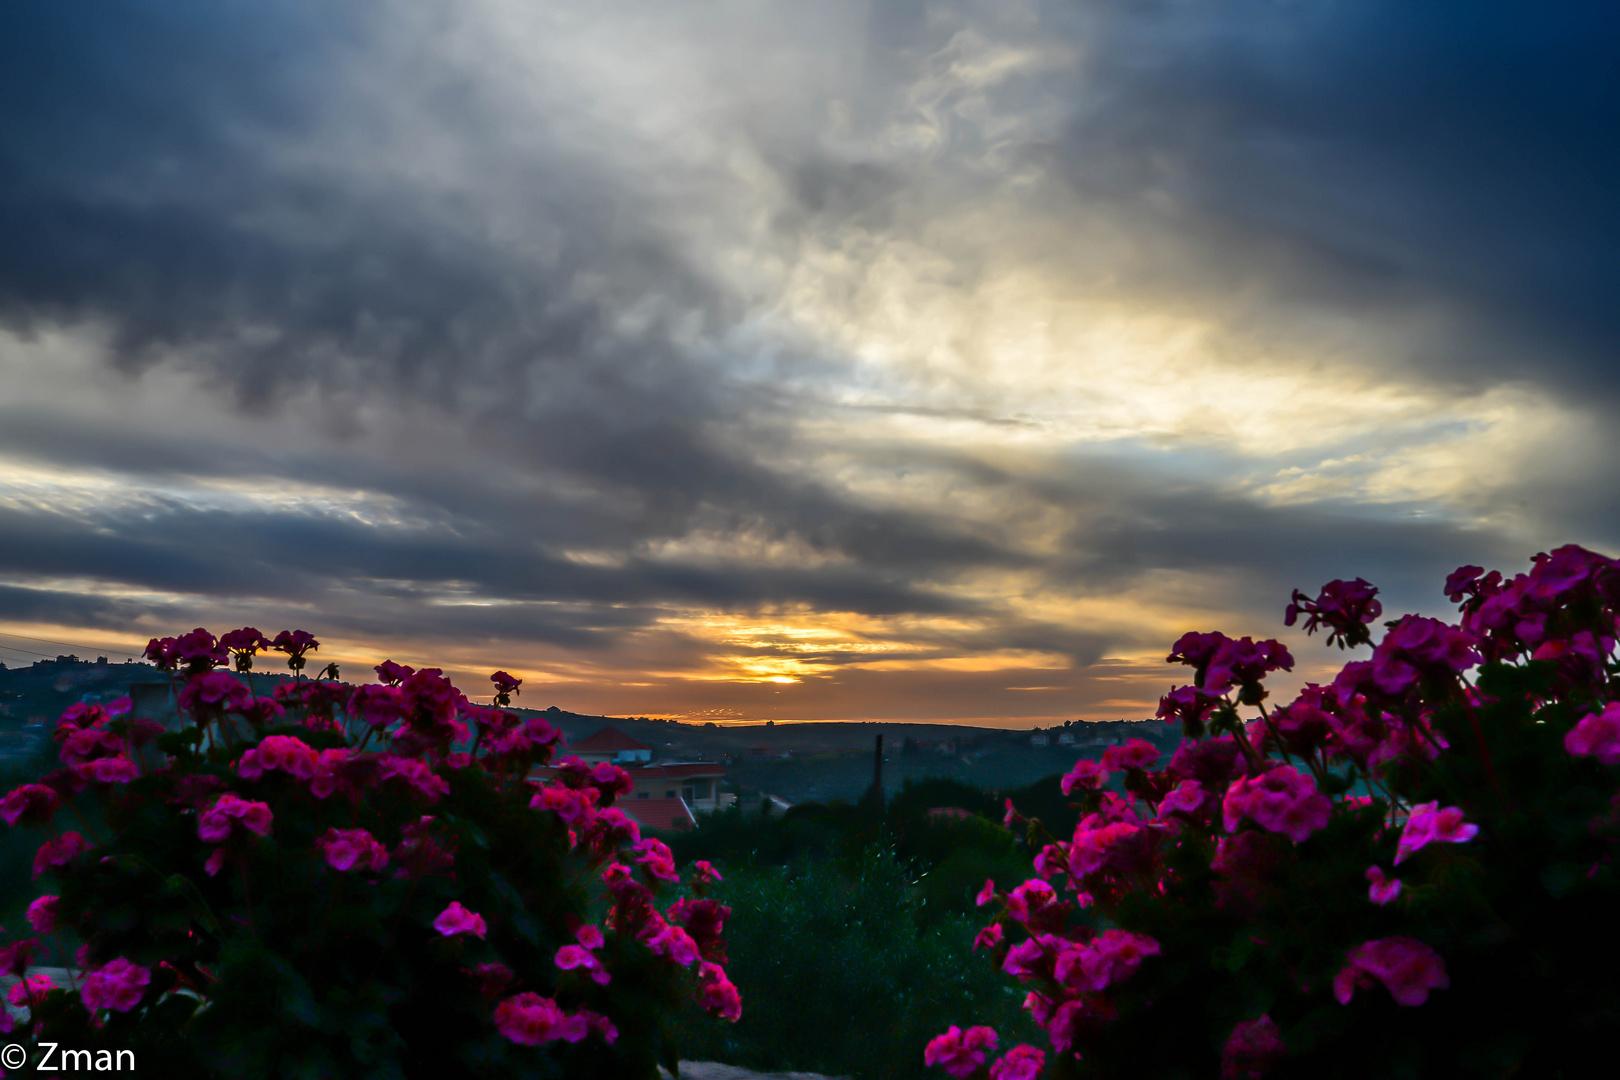 LAN_6699-14 Southern Sunset